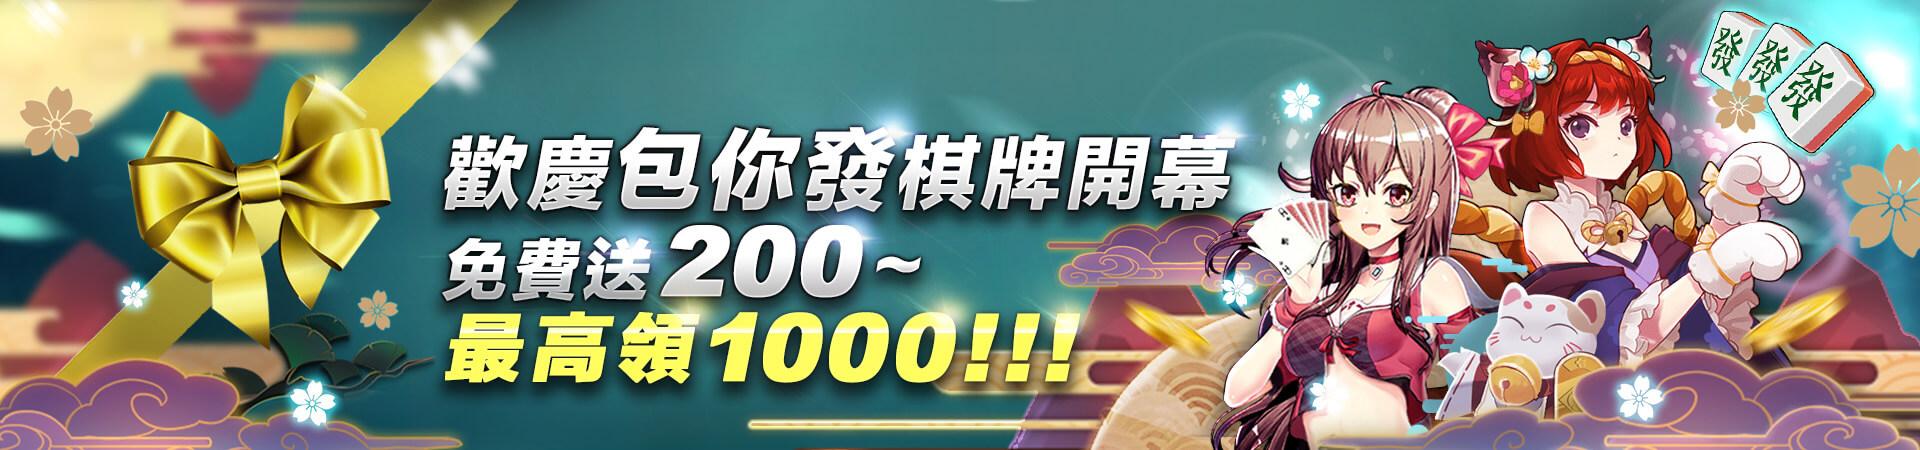 歡慶Q8娛樂城!!!包你發棋牌上架200歡迎領(您)~免費送!最高領1000!